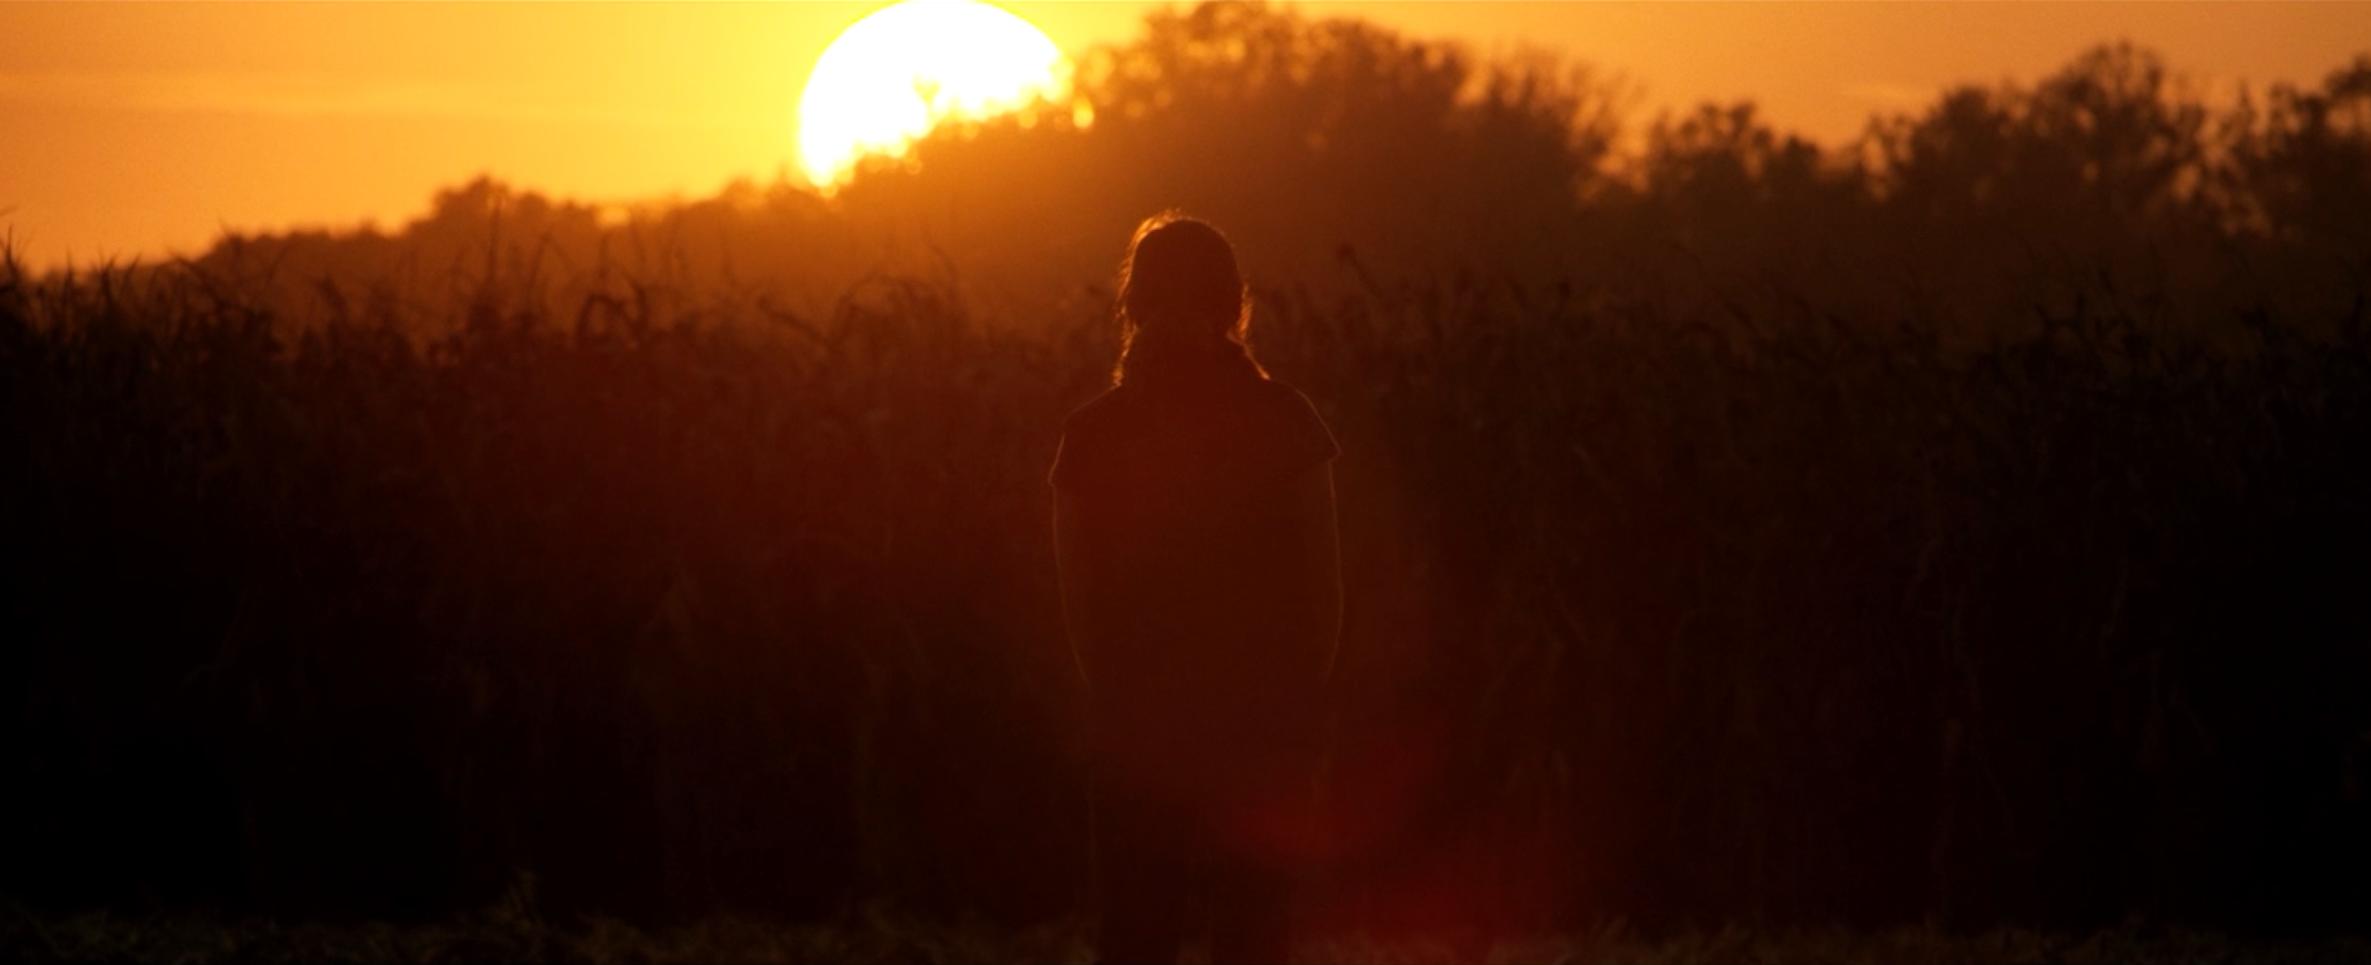 BULLTHISTLE_SunsetCornFields.jpg